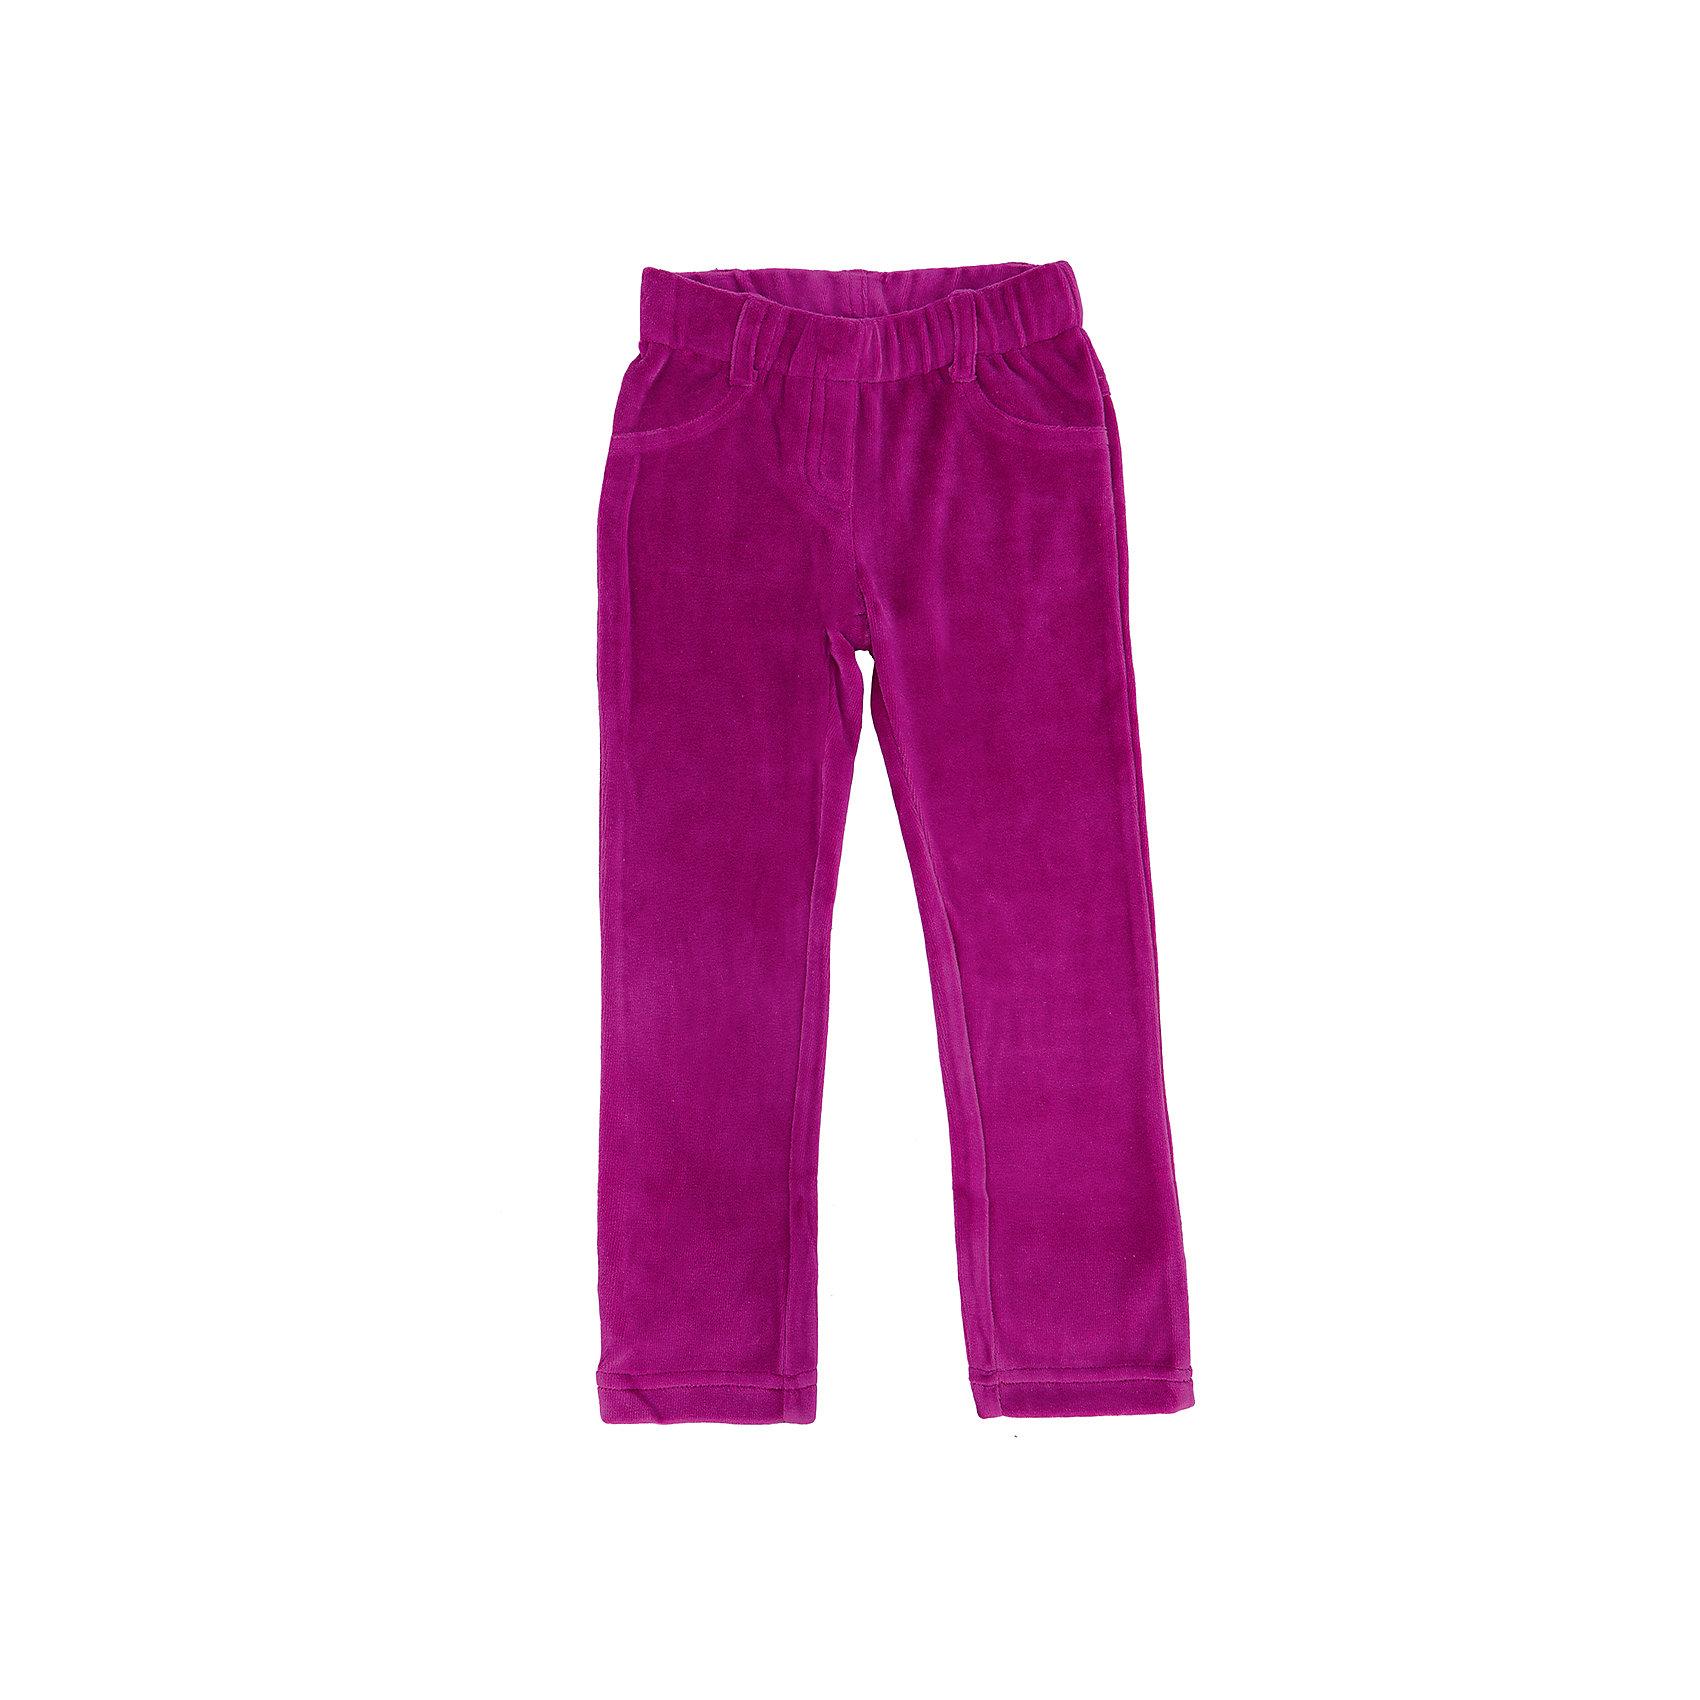 Брюки для девочки PlayTodayБрюки<br>Брюки для девочки от известного бренда PlayToday.<br>Уютные велюровые брюки яркого-розового цвета. Пояс на мягкой резинке, имитация застежки и карманов.<br>Состав:<br>75% хлопок, 25% полиэстер<br><br>Ширина мм: 215<br>Глубина мм: 88<br>Высота мм: 191<br>Вес г: 336<br>Цвет: розовый<br>Возраст от месяцев: 72<br>Возраст до месяцев: 84<br>Пол: Женский<br>Возраст: Детский<br>Размер: 104,128,110,116,98,122<br>SKU: 4897075